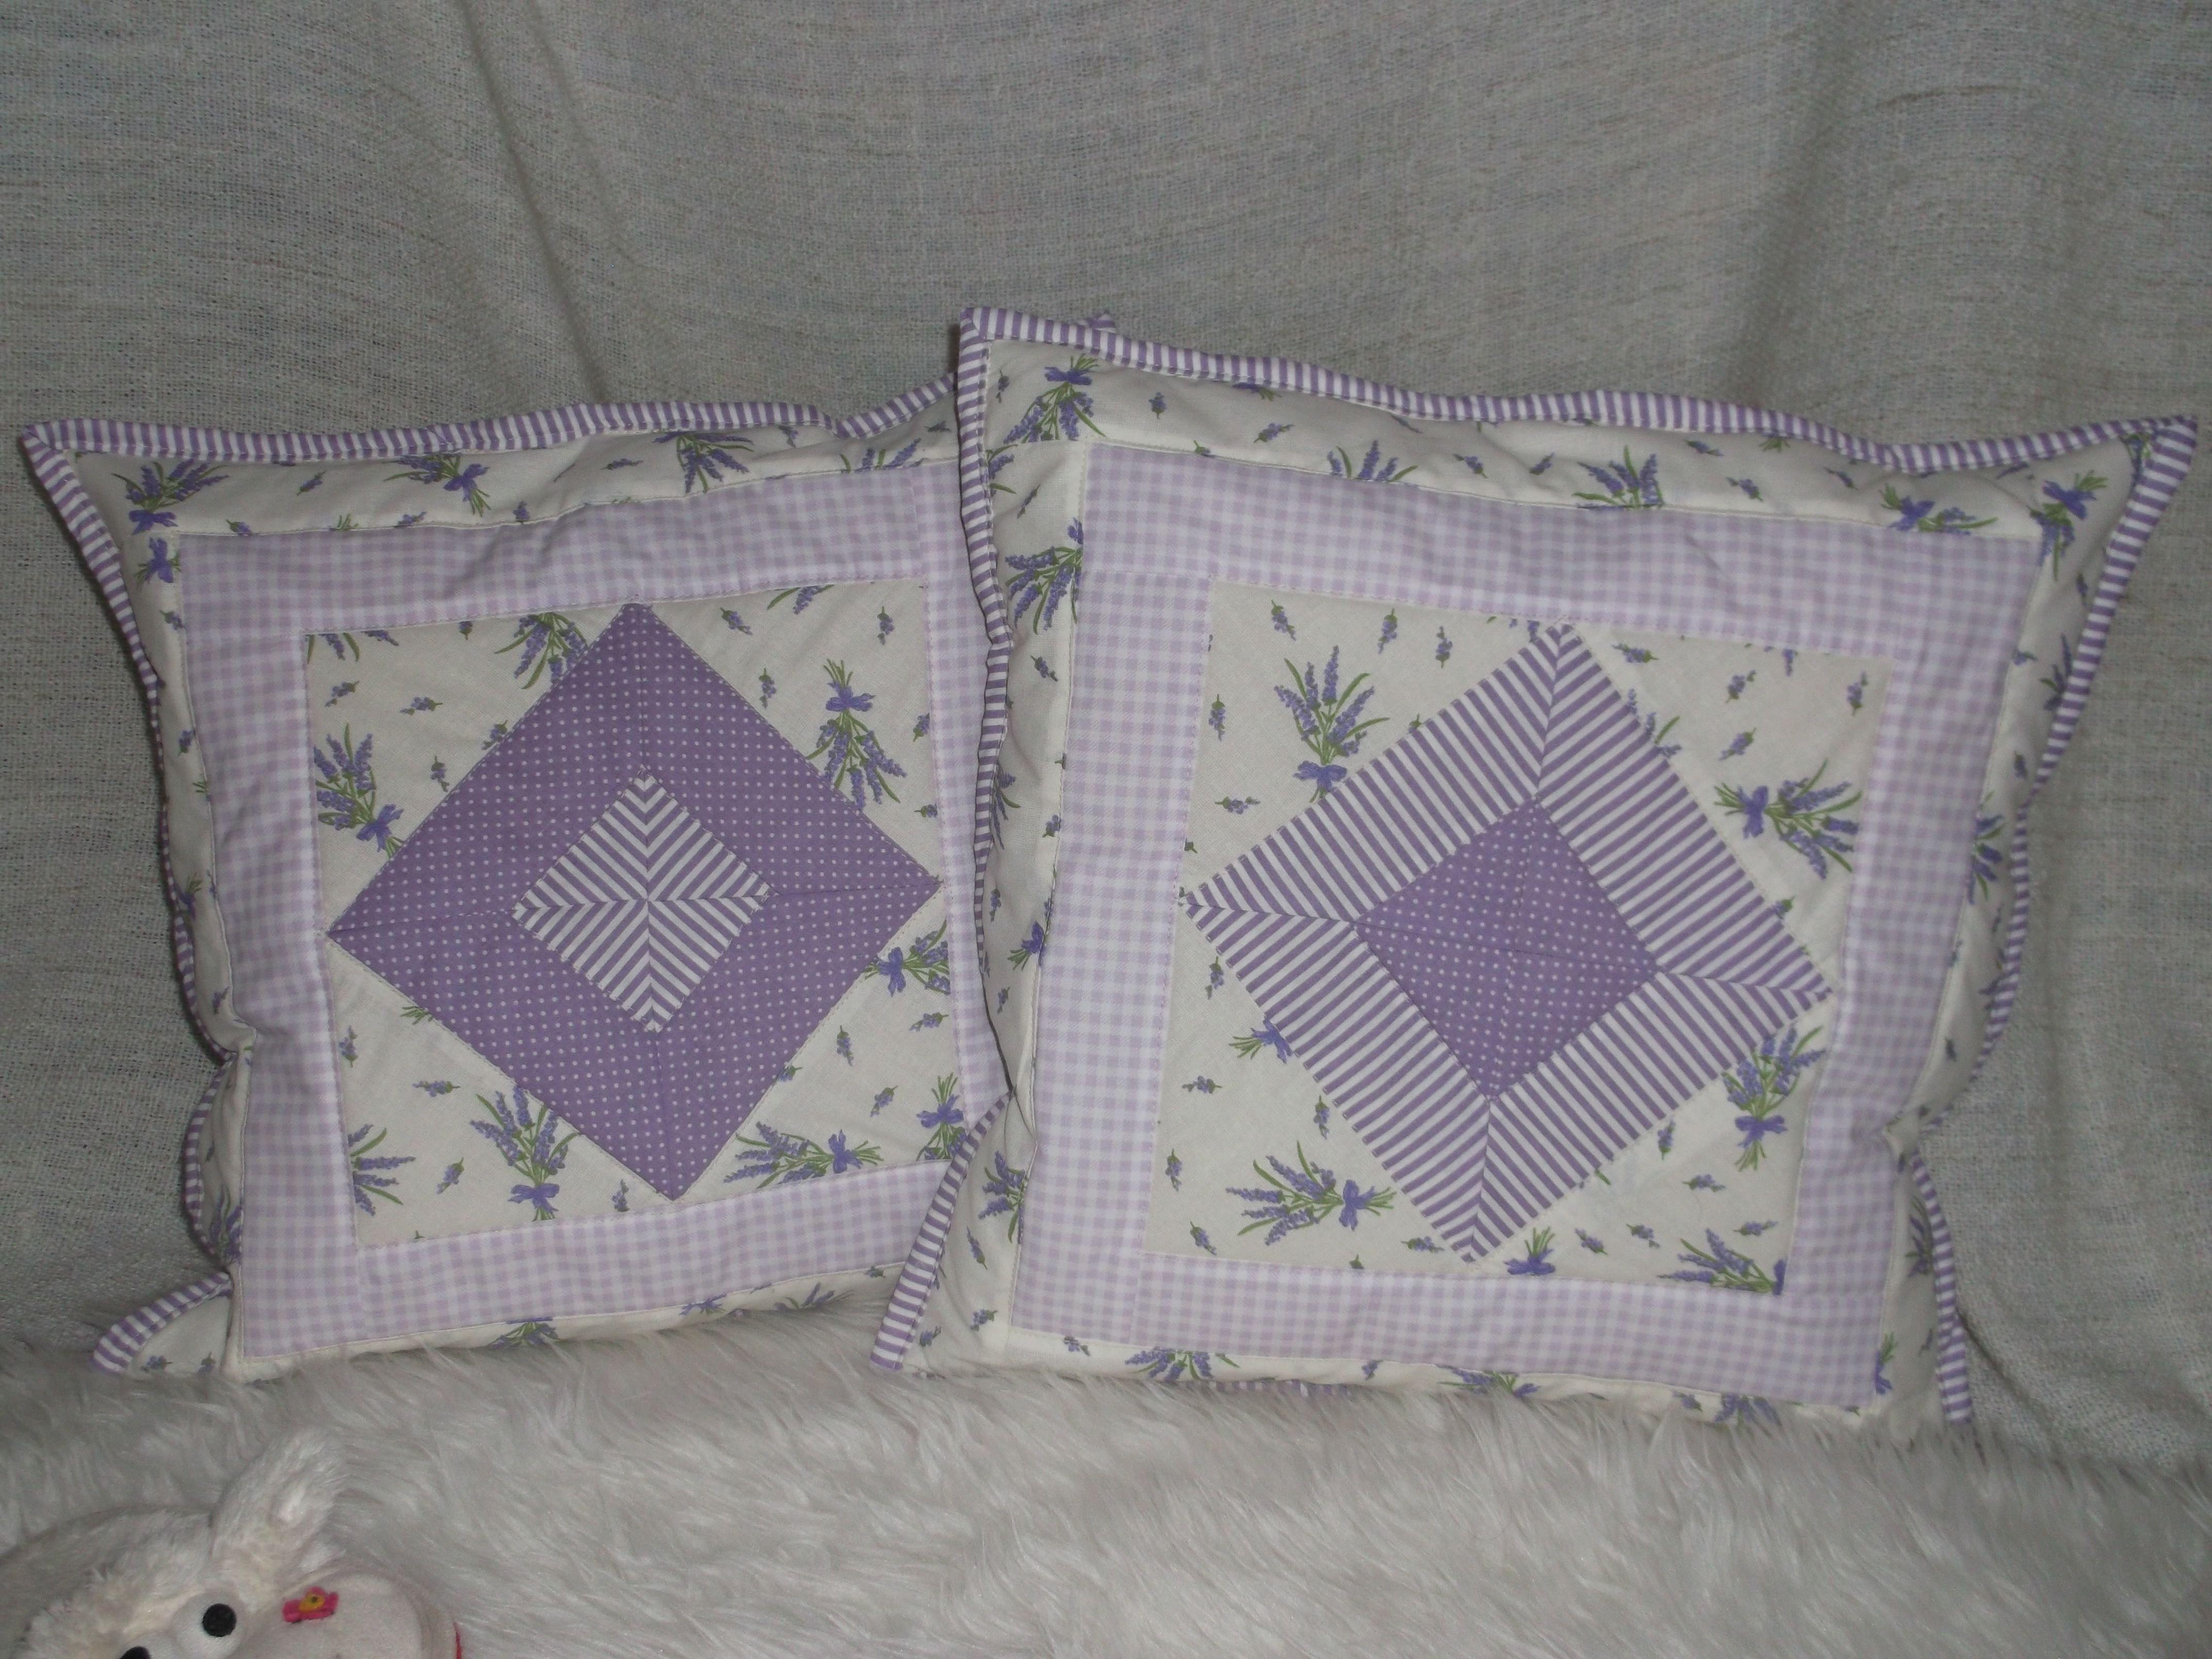 bavlnený vankúš šitý technikou patchwork, zadná strana bavlna, zapínanie na skrytý zips,